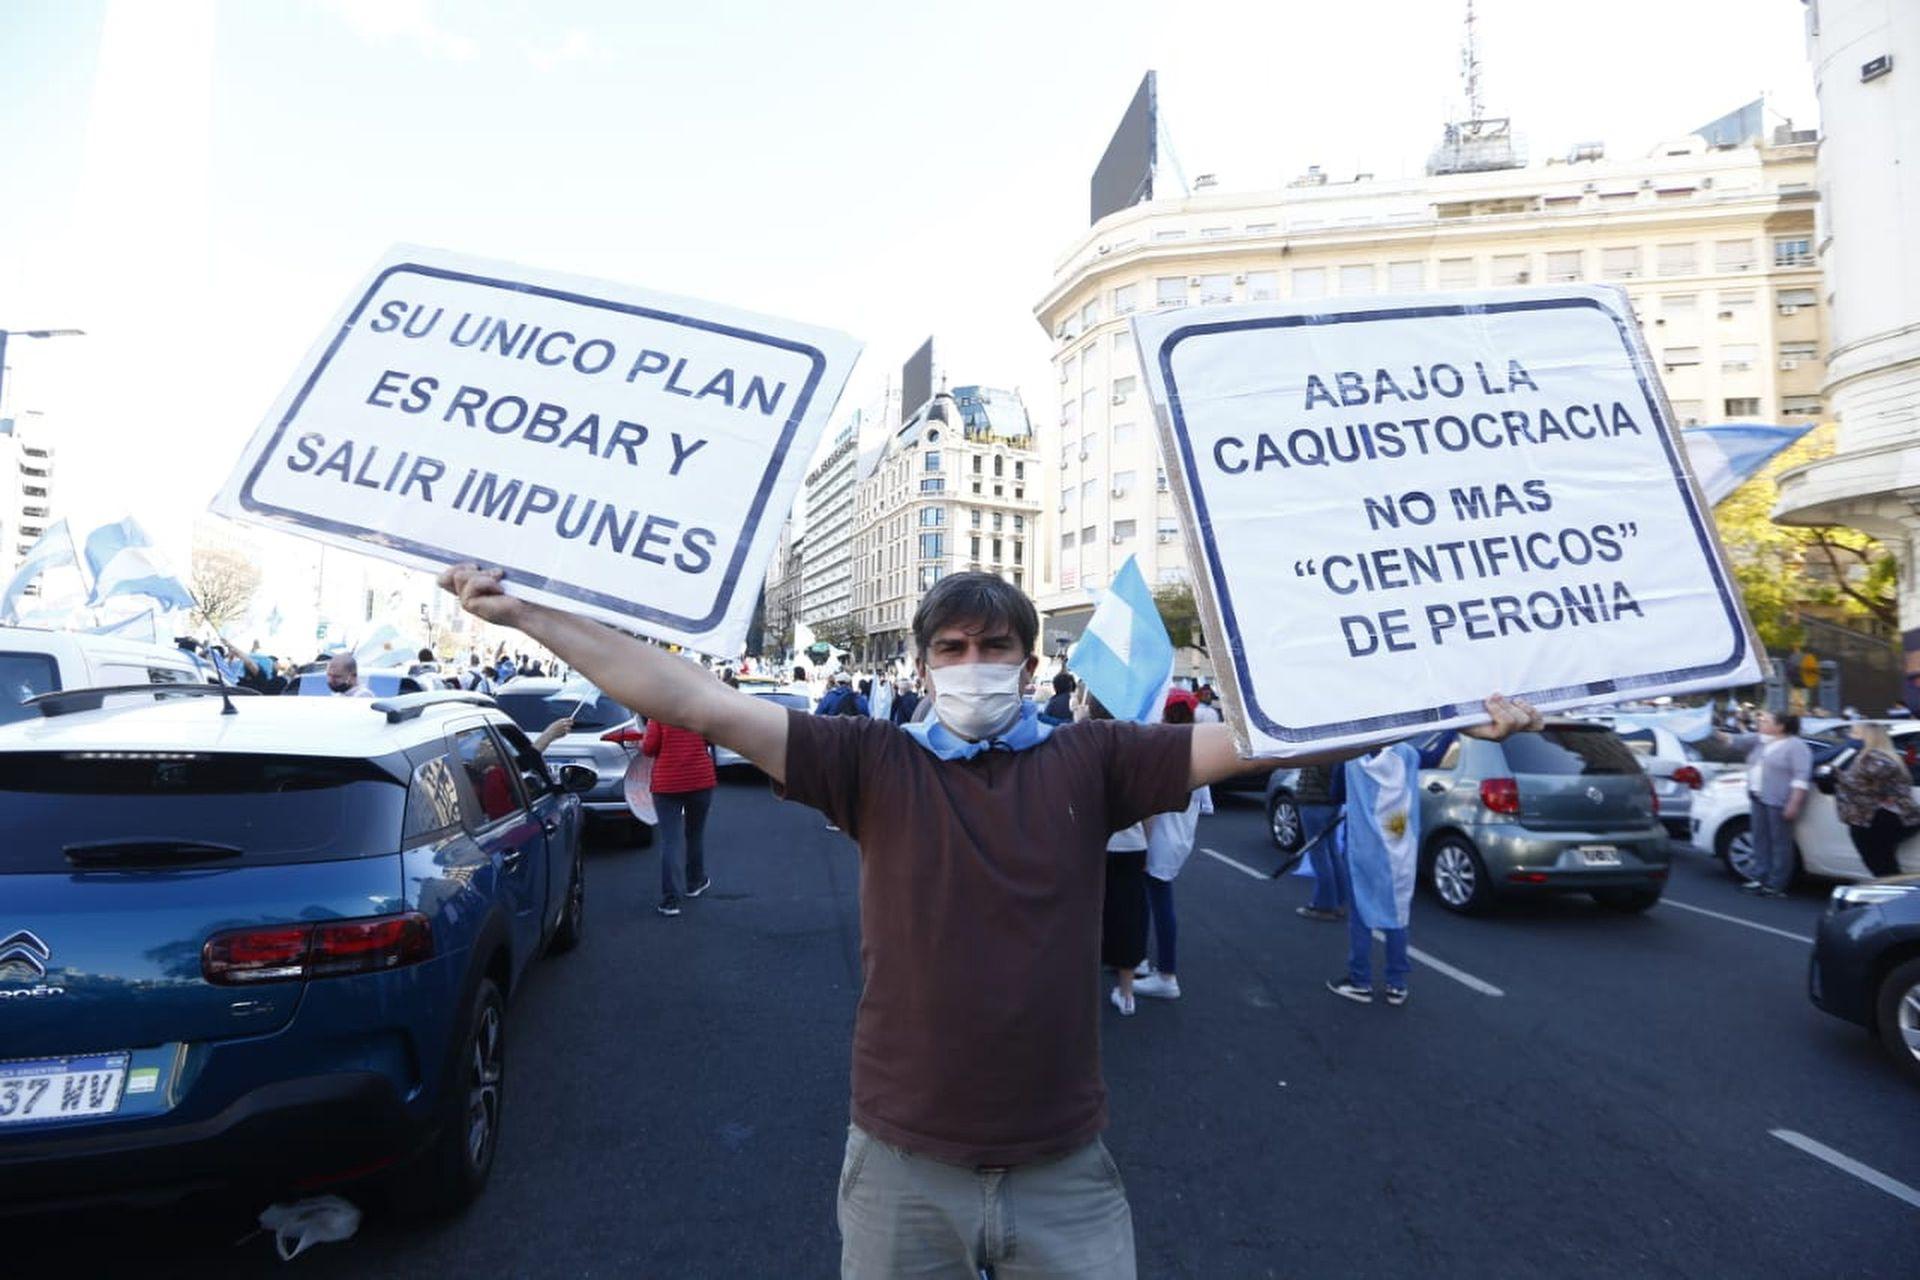 Justicia y corrupción, dos reclamos recurrentes de la manifestación